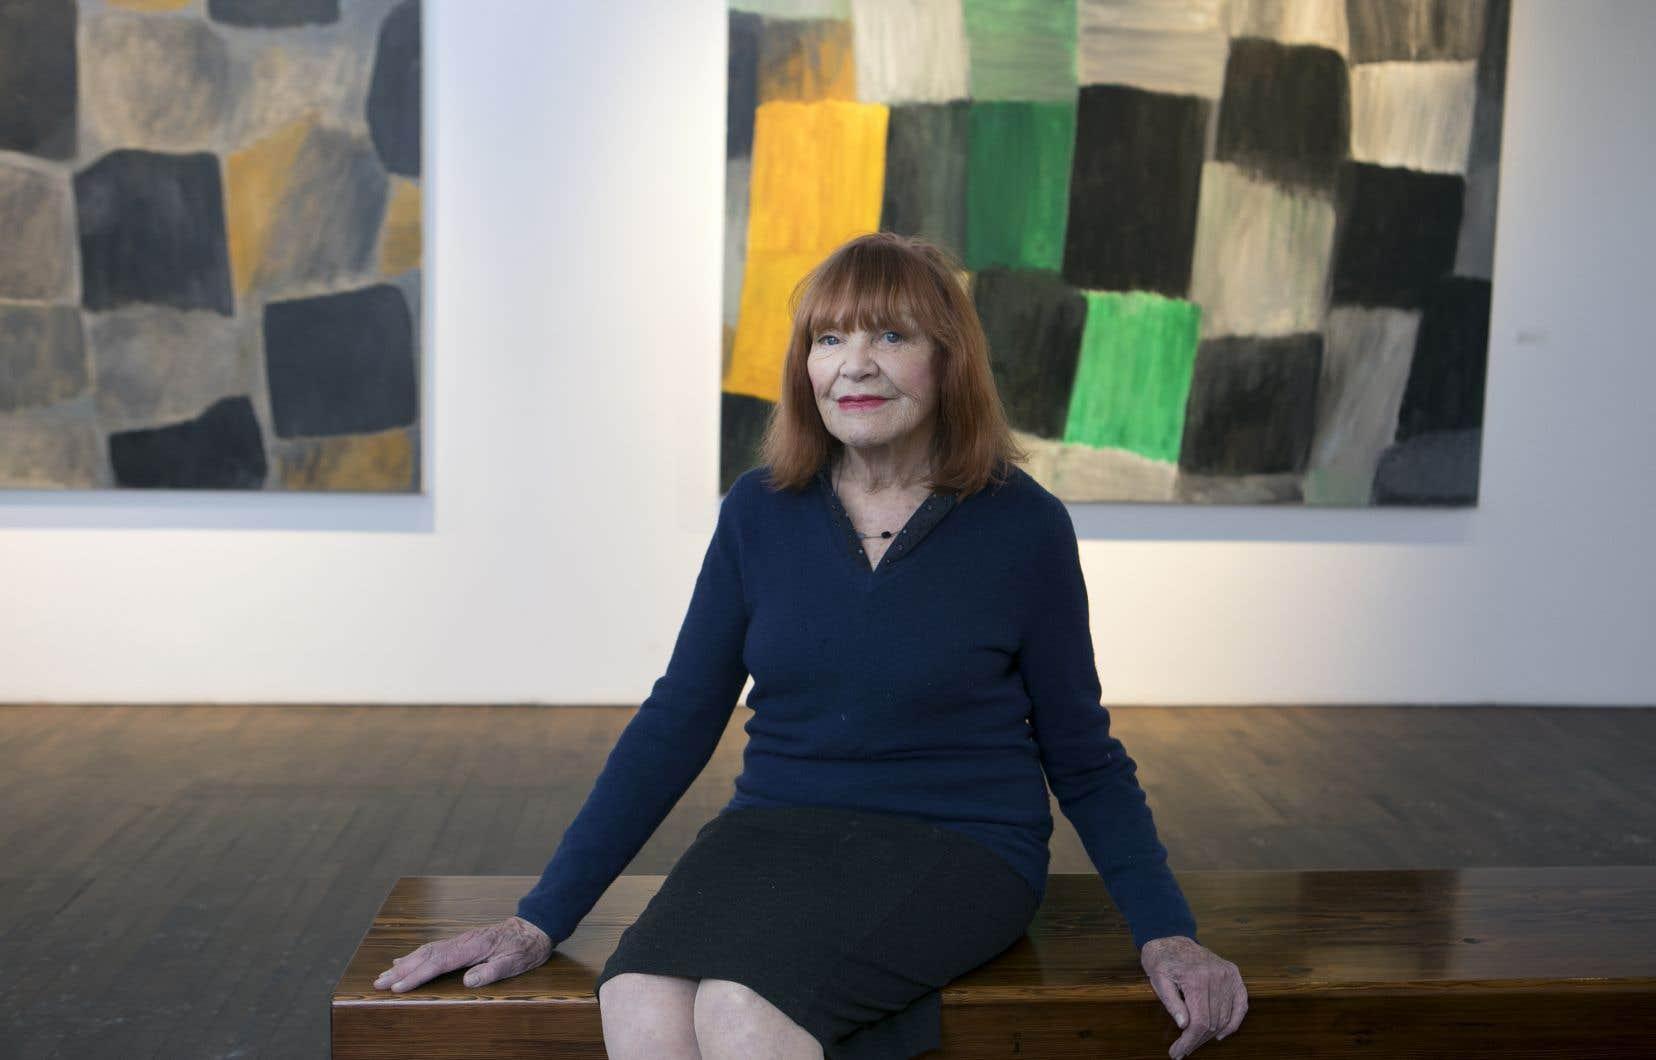 L'exposition «Mythe intemporel» est le sixième solo de Françoise Sullivan en sept ans à la galerie Simon Blais. Derrière elle, ses œuvres intitulées Hommage à Jean-Christophe no. 1 et Hommage à Jean-Christophe no. 2. © Françoise Sullivan/ SODRAC (2019).